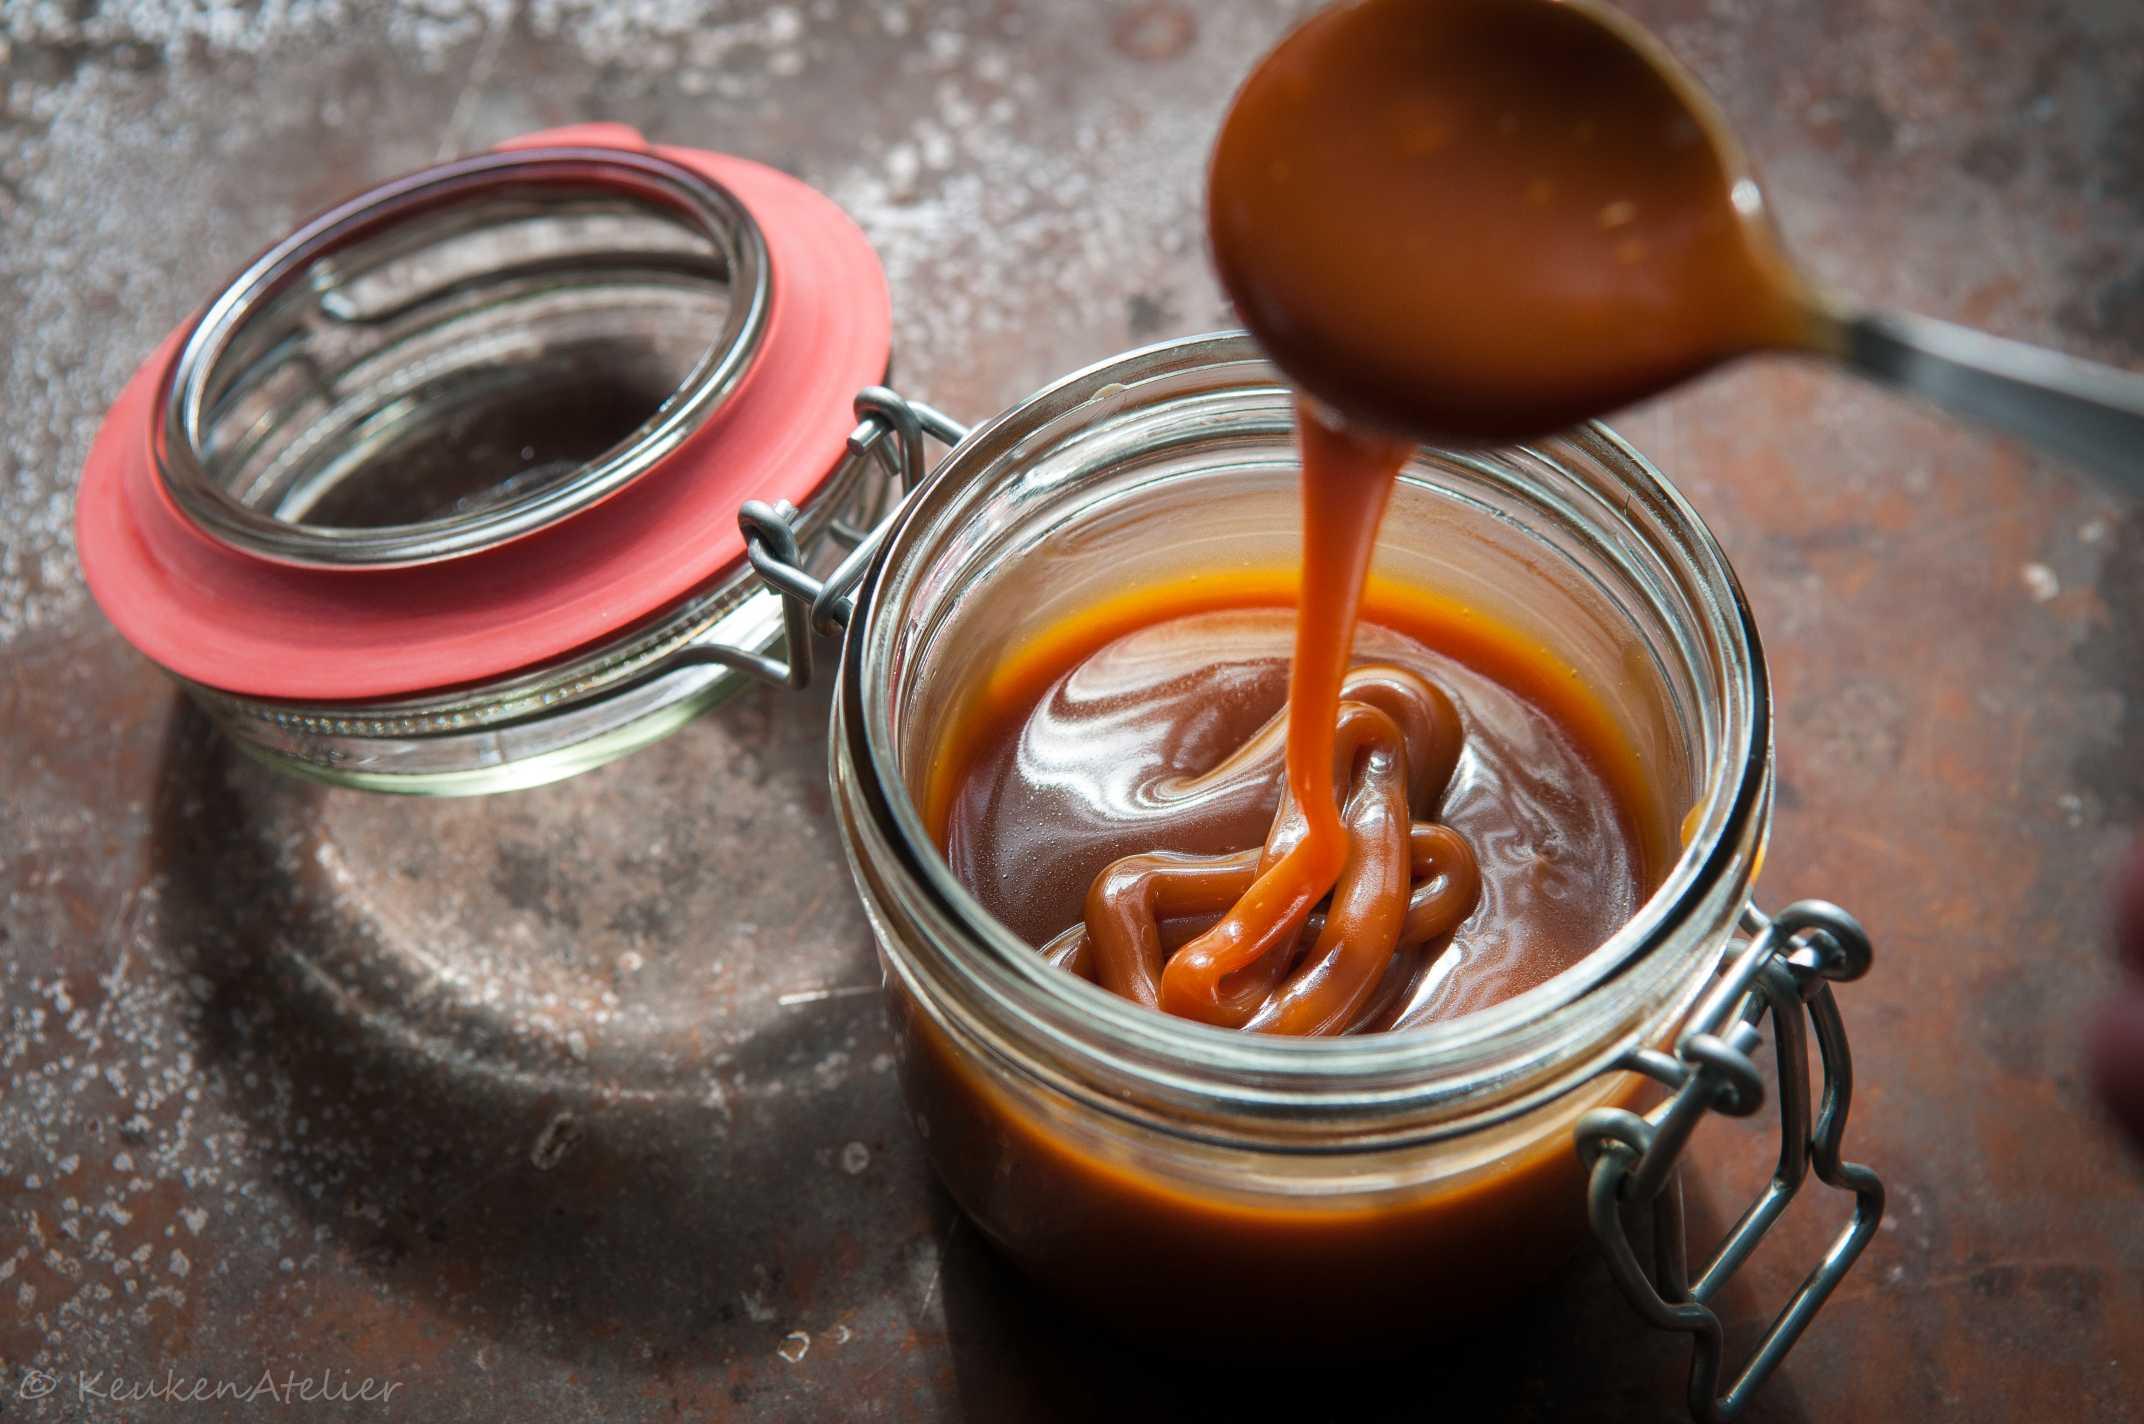 karamelsaus 1 | KeukenAtelier